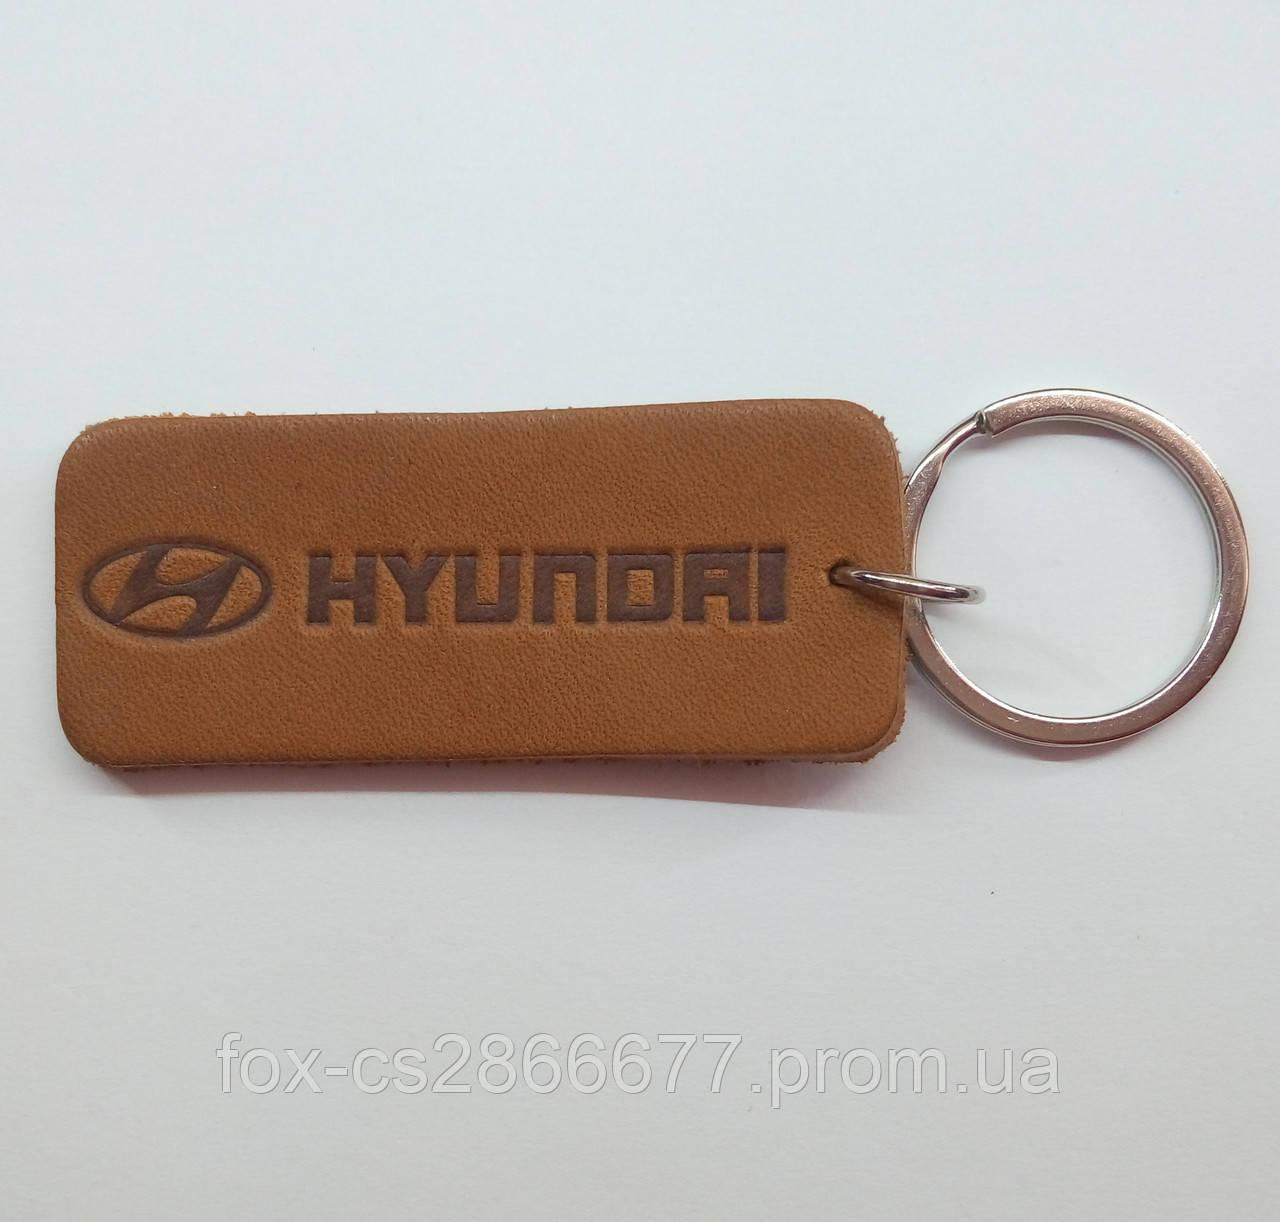 Кожаный брелок / Марки авто / Hyundai